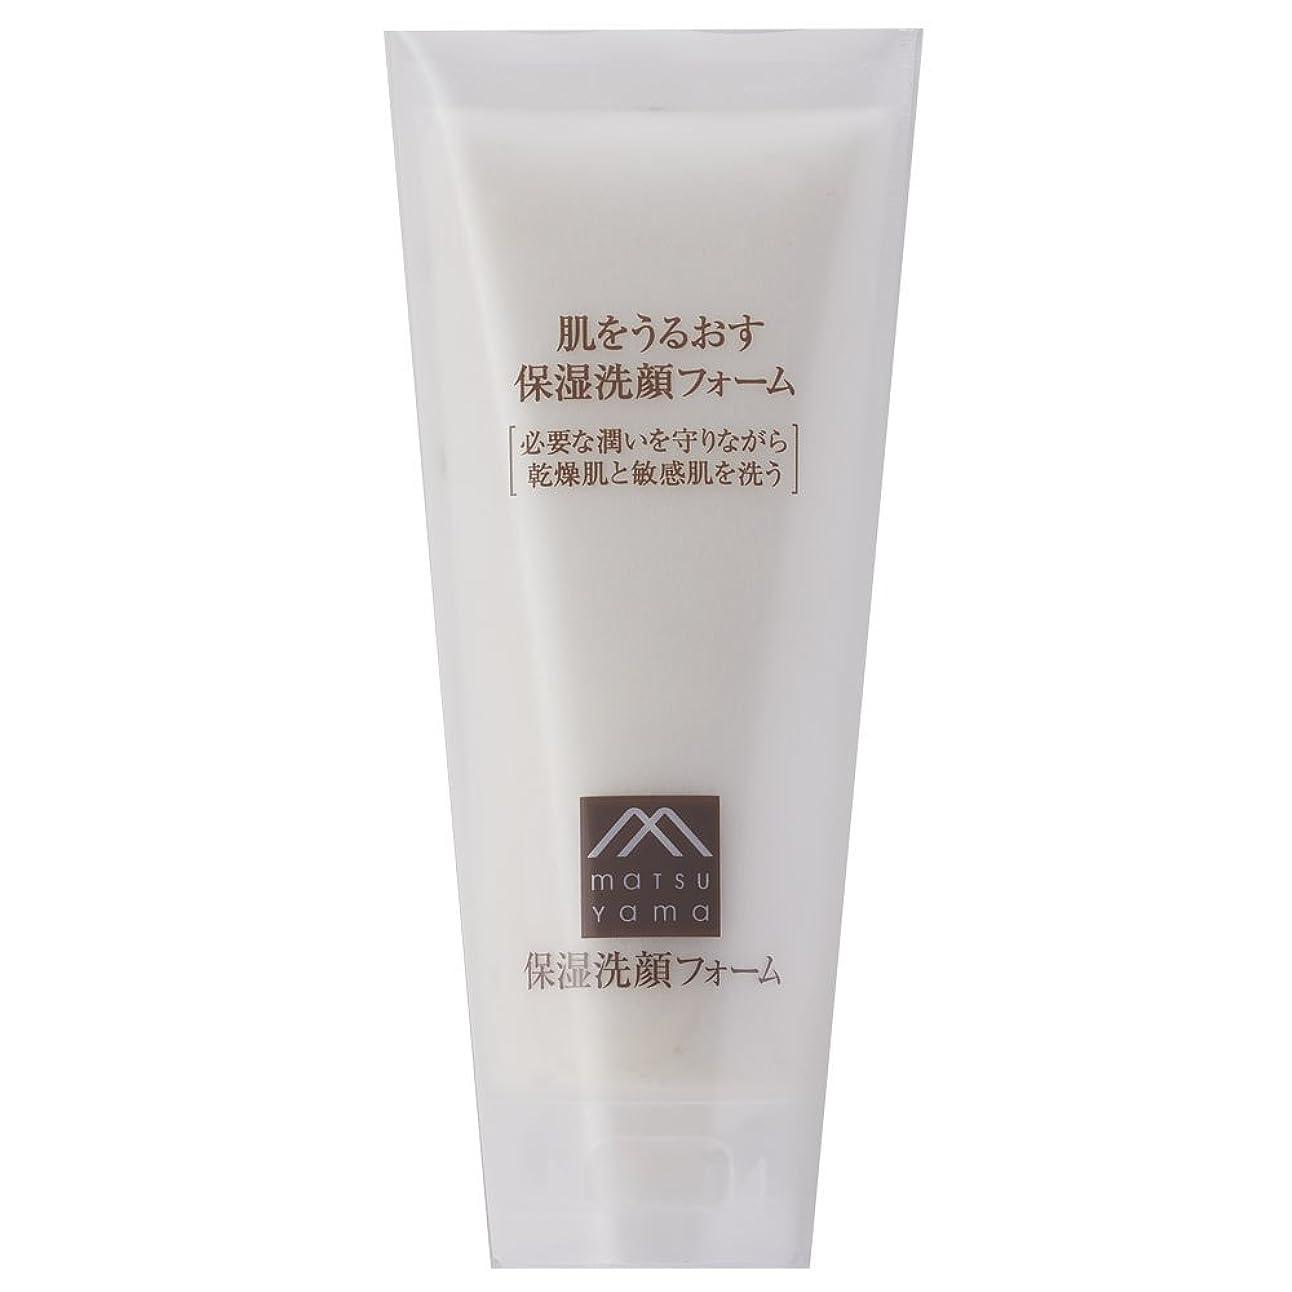 ジャンクション星農村肌をうるおす保湿洗顔フォーム(洗顔料) [乾燥肌 敏感肌]